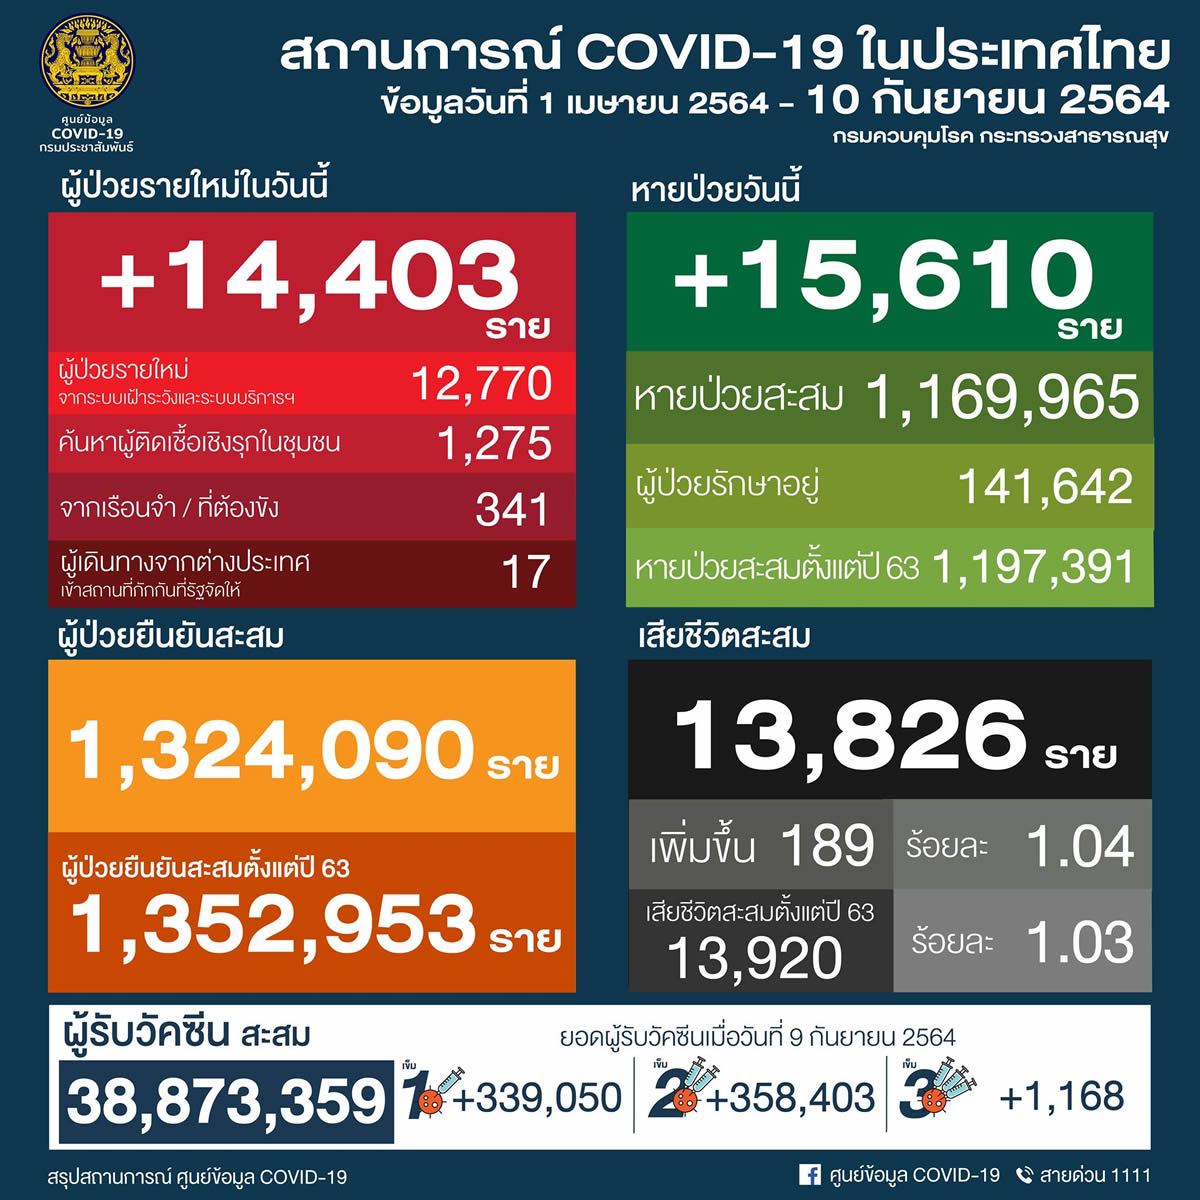 タイ 14,043人陽性 189人死亡/バンコク 3,495人陽性 25人死亡/プーケット 211人陽性[2021年9月10日発表]